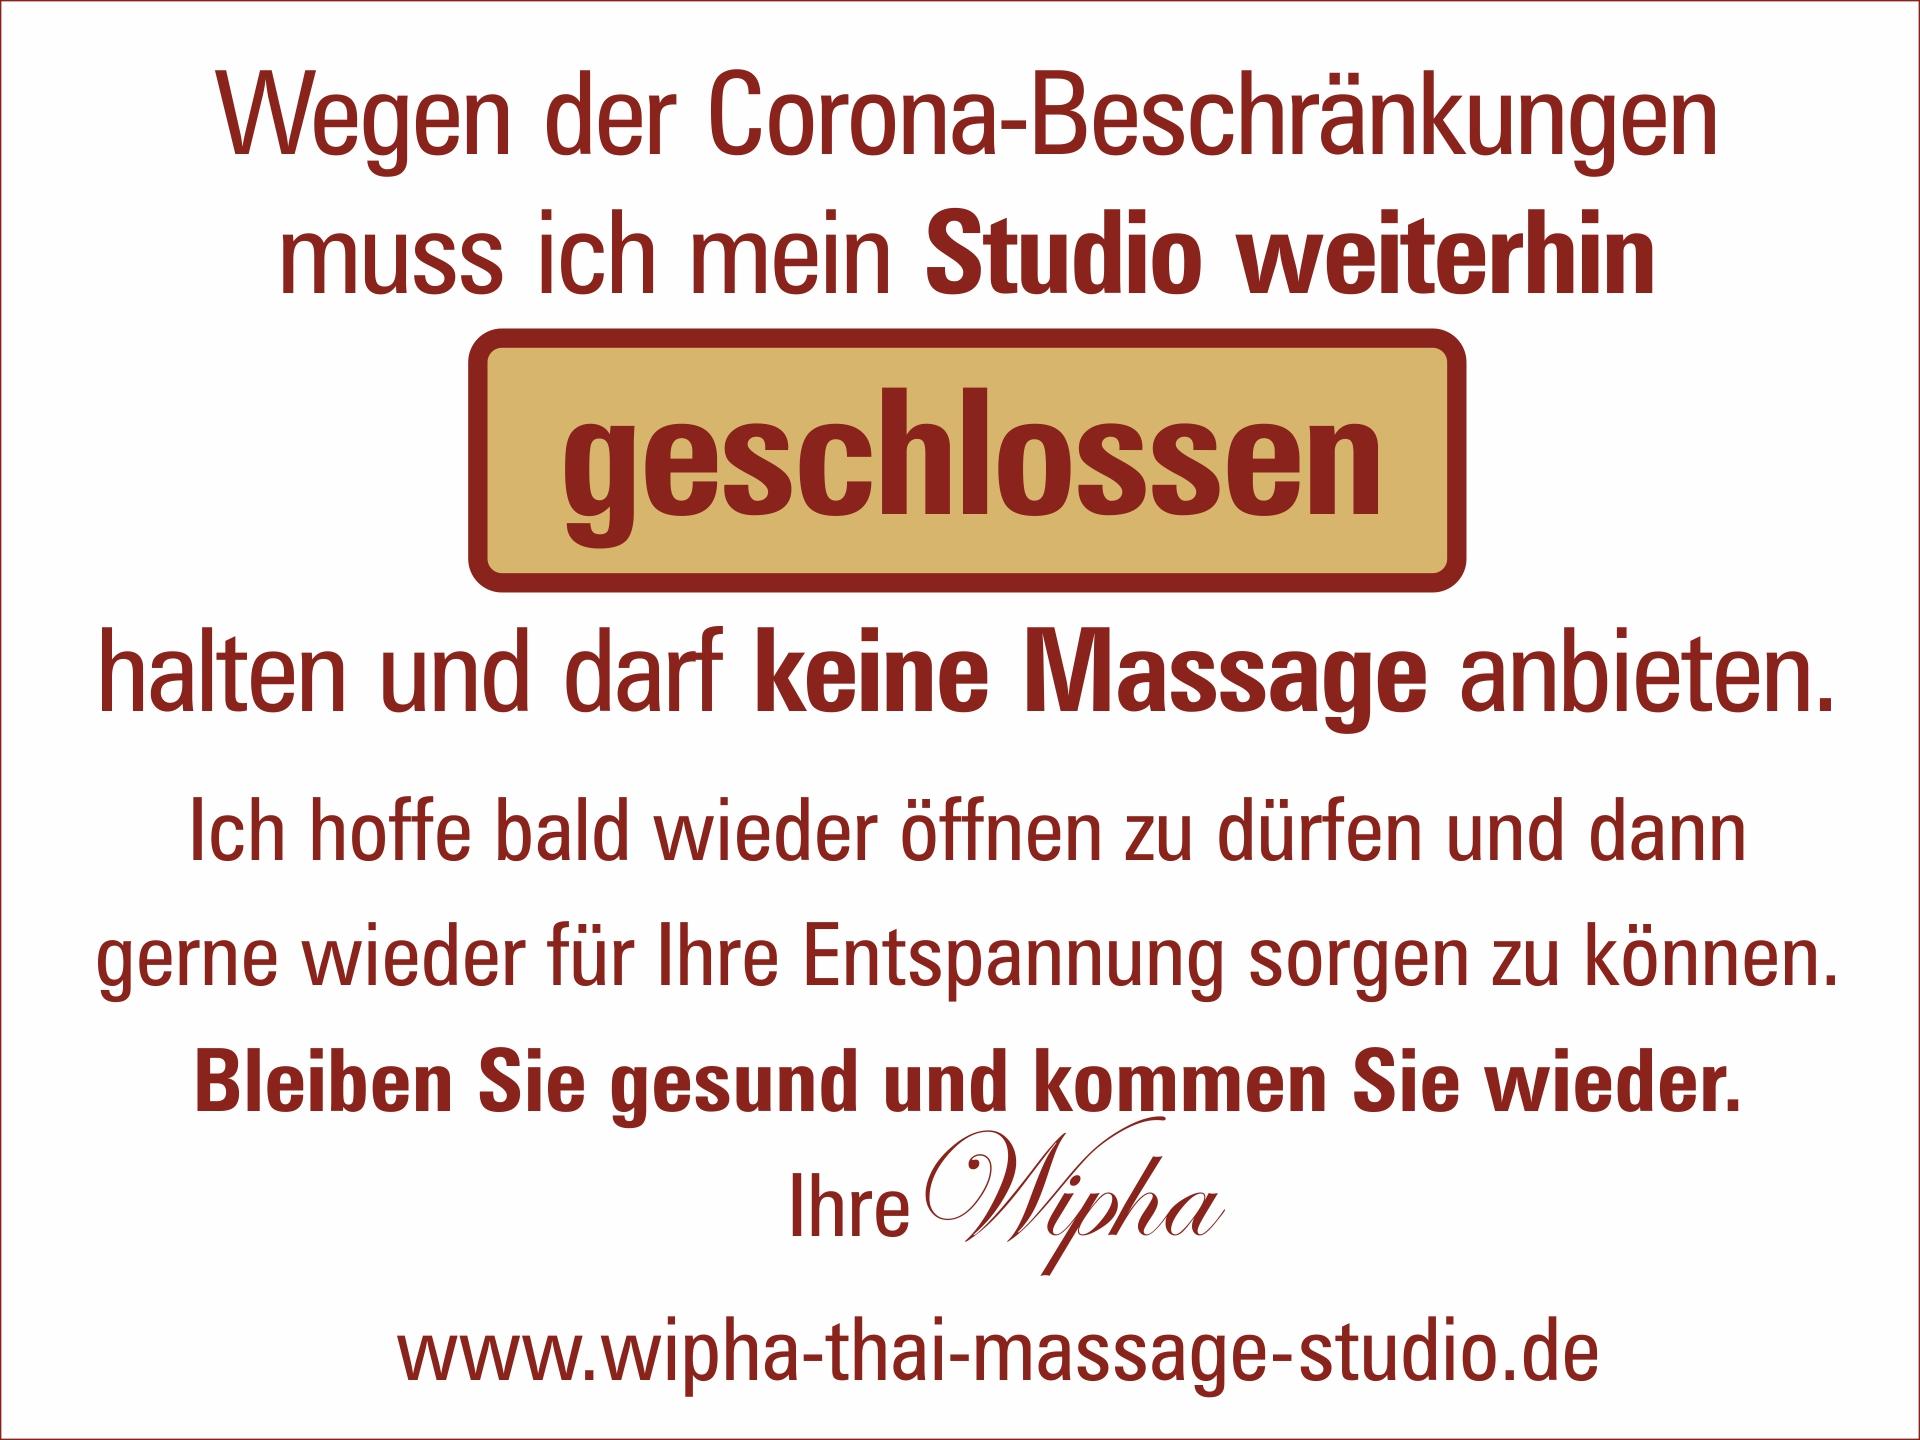 Wipha Thai Massage Studio. Wegender Corona-Einschränkungen derzeit leider geschlossen. Gutscheine erhältlich.